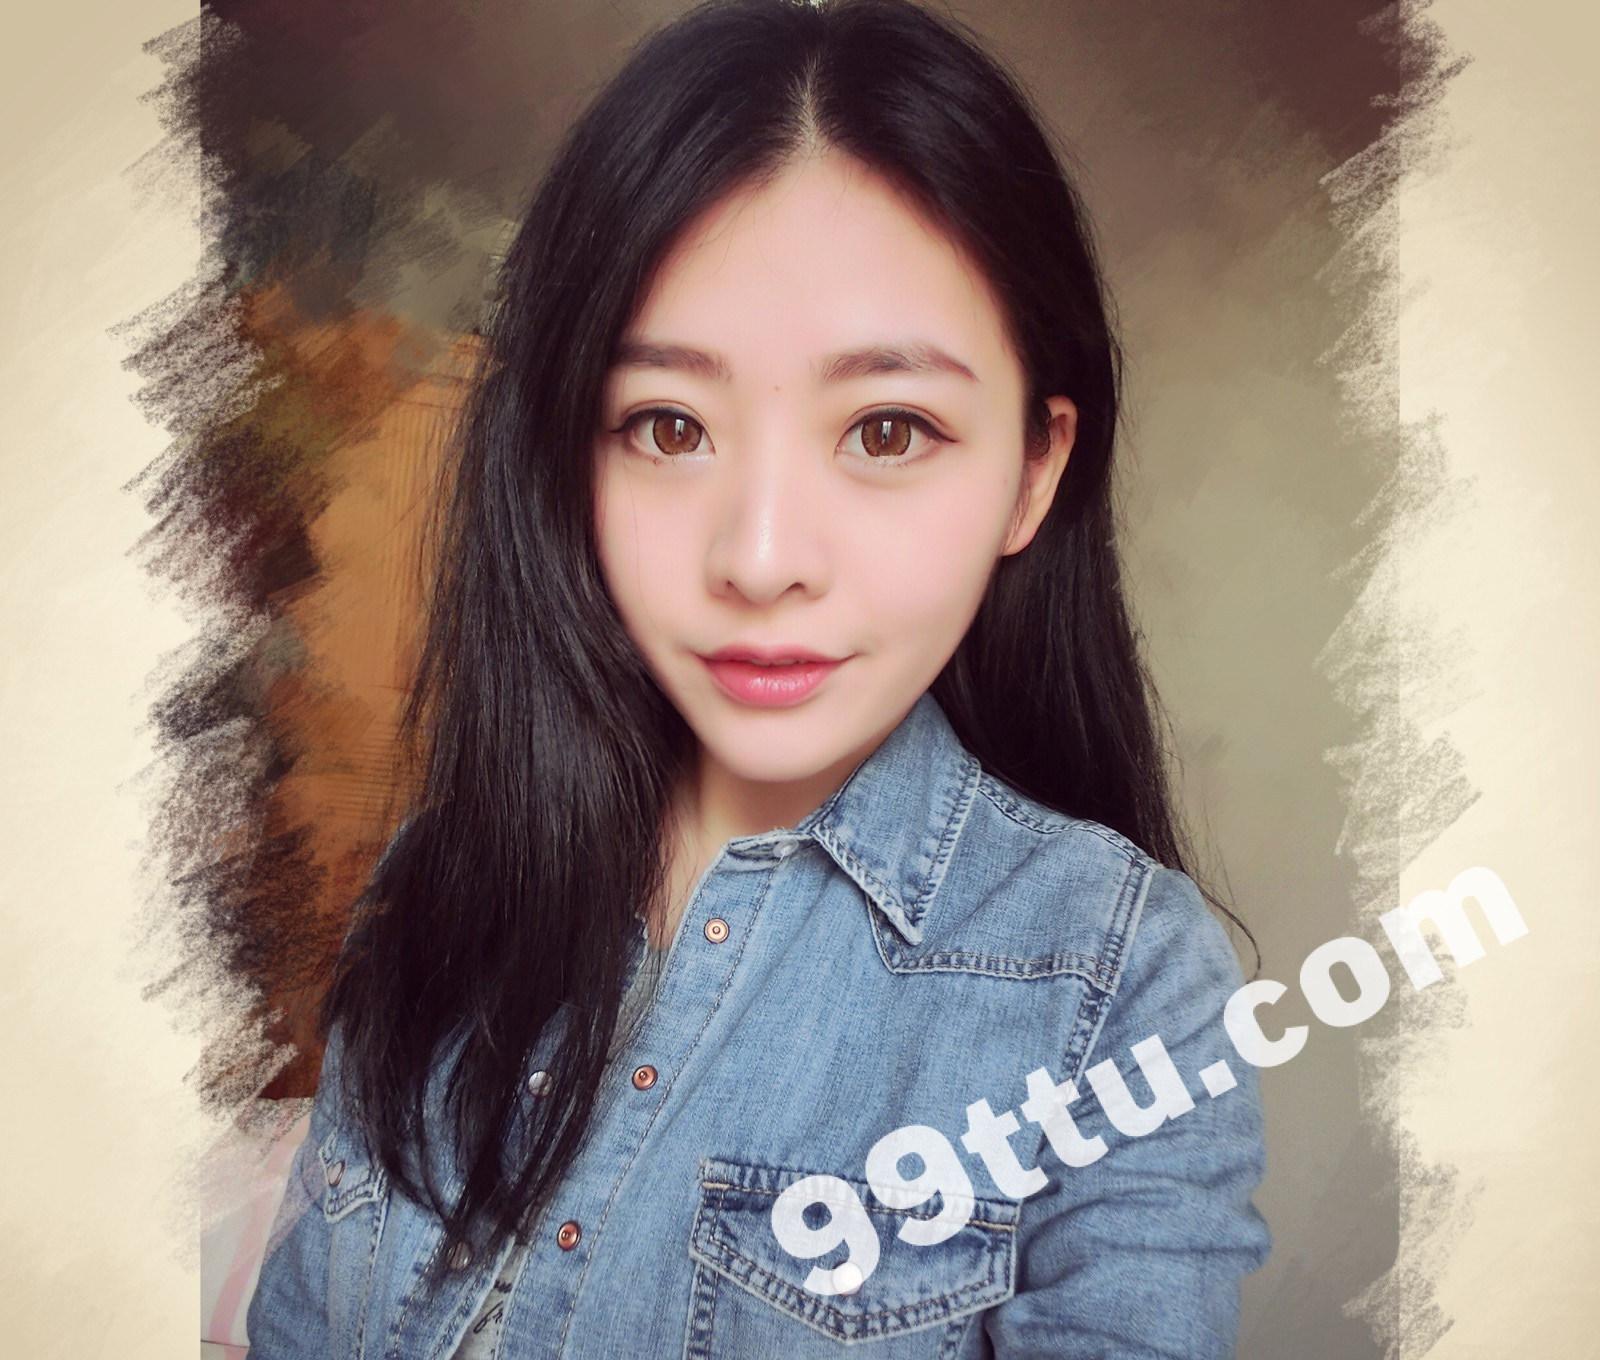 KK05 580张 学生自拍美女微商图-14